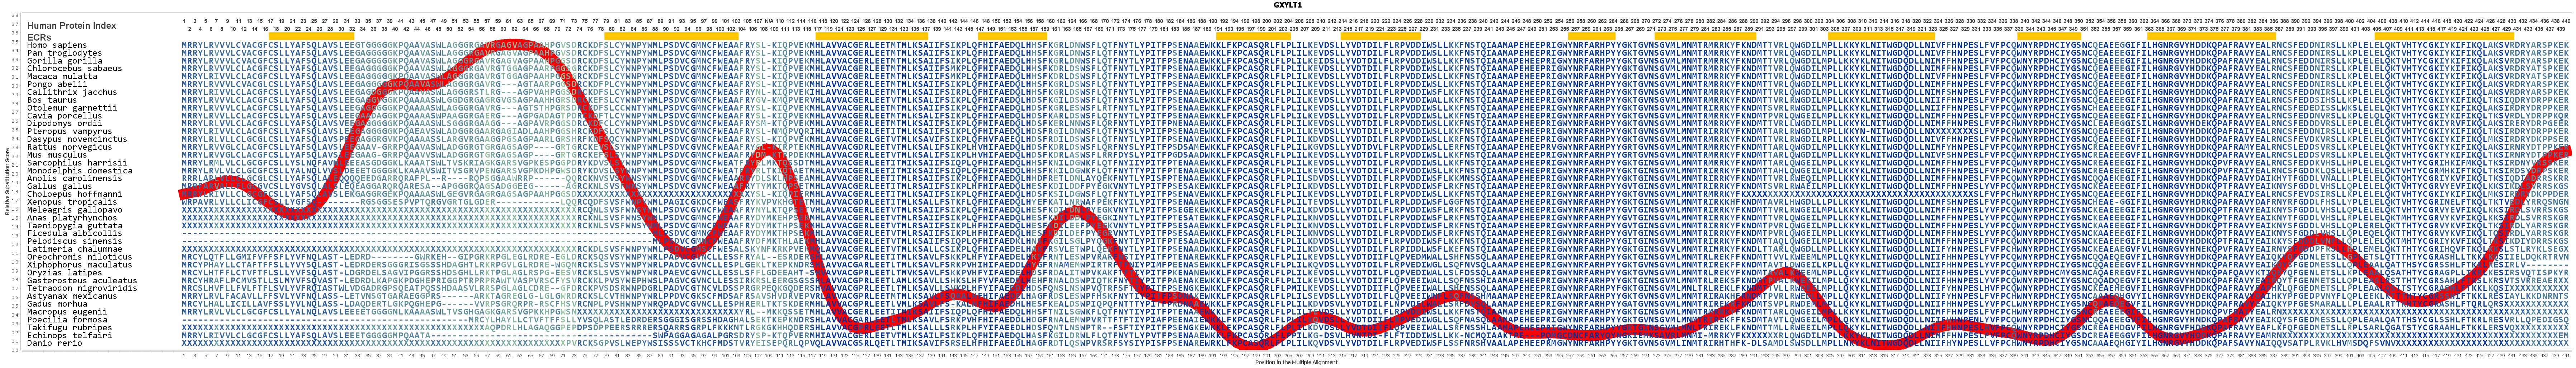 GXYLT1 Gene - GeneCards | GXLT1 Protein | GXLT1 Antibody